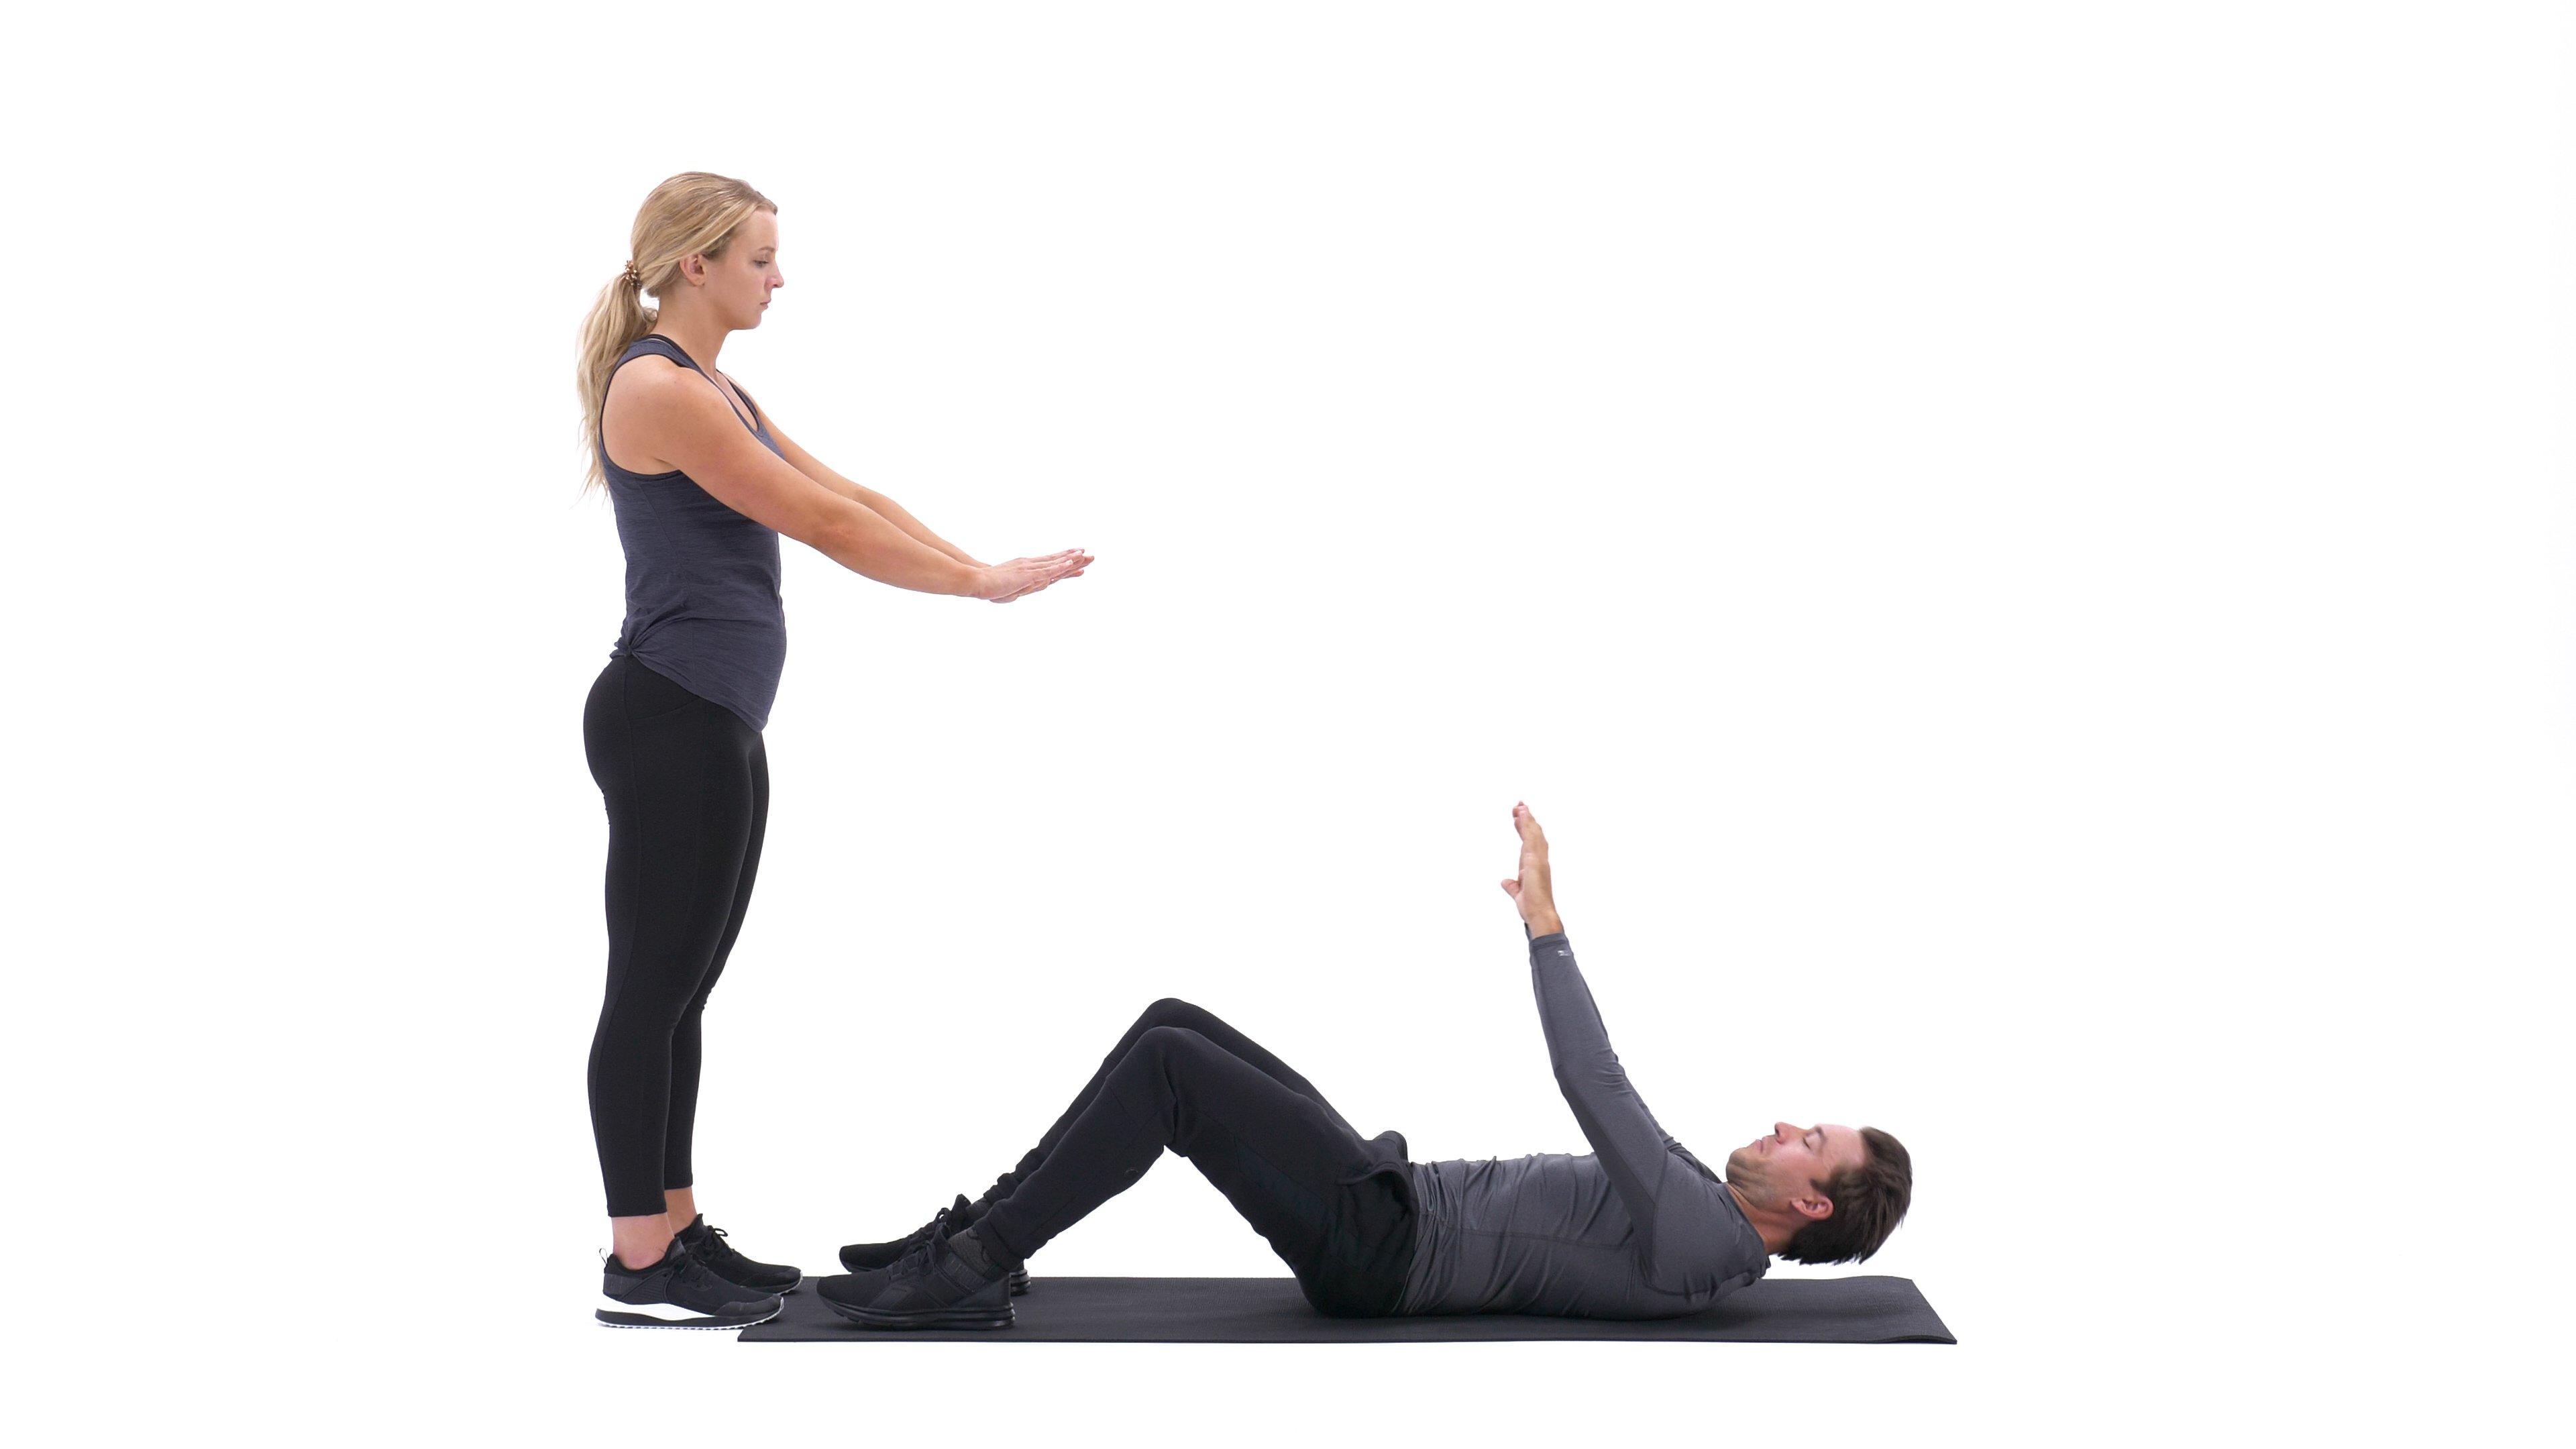 Partner target sit-up image